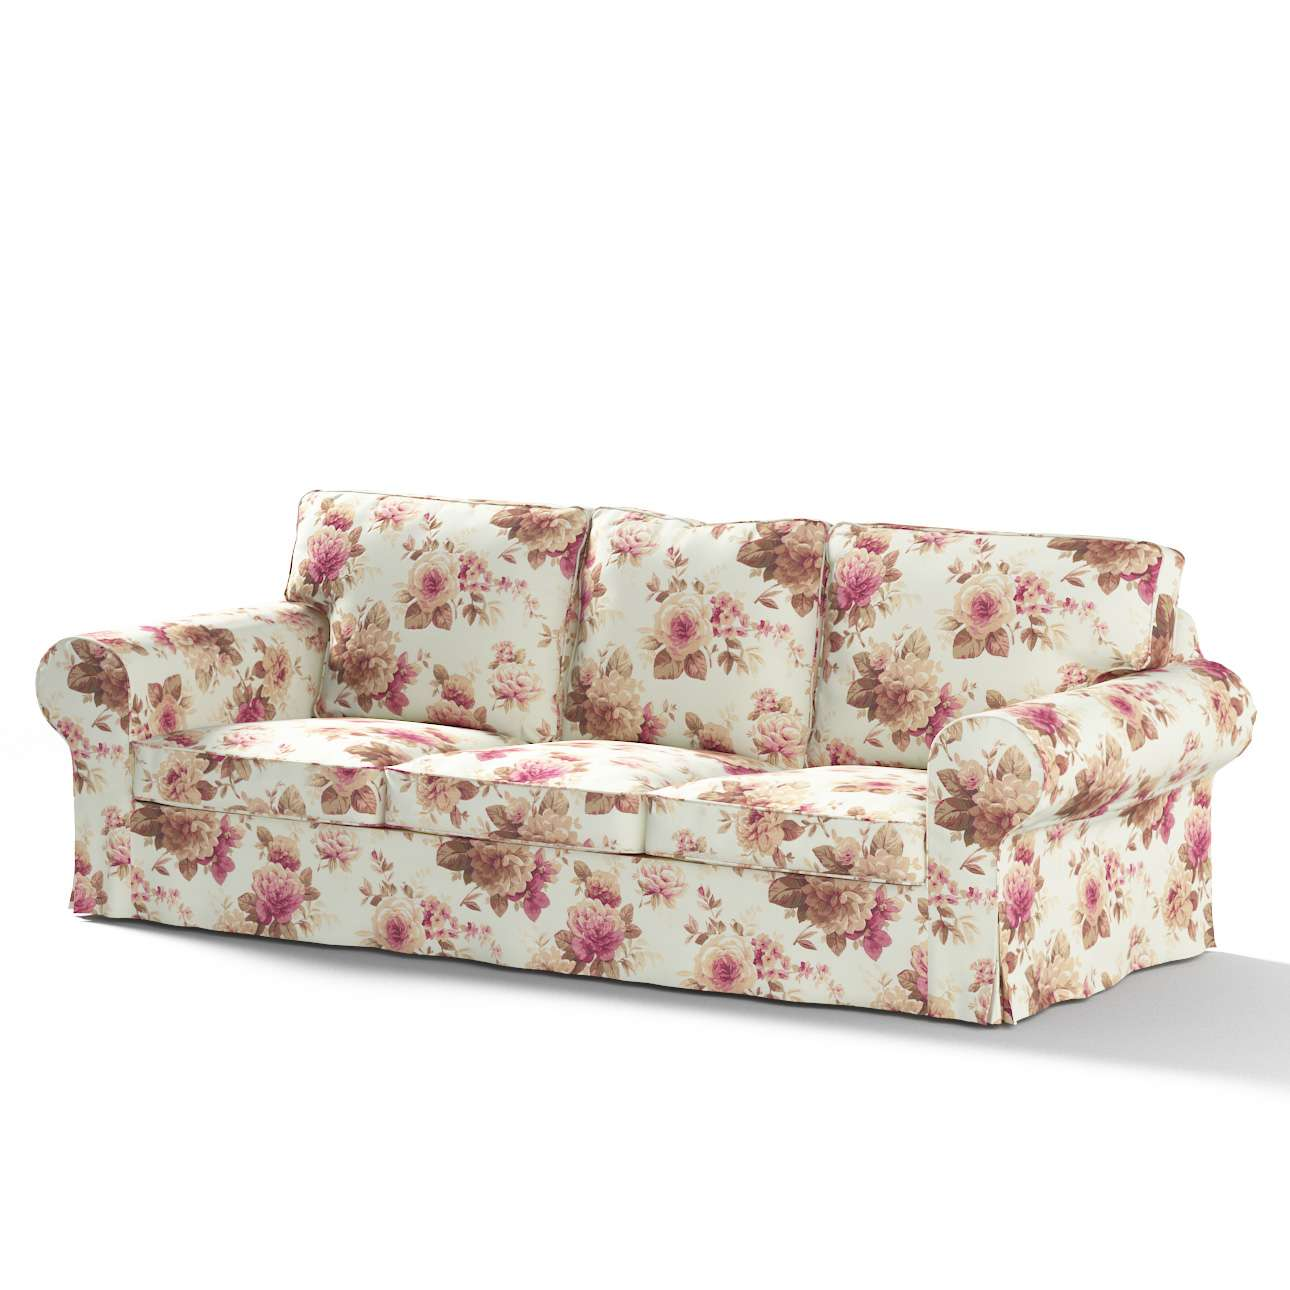 Pokrowiec na sofę Ektorp 3-osobową, rozkładaną, PIXBO w kolekcji Londres, tkanina: 141-06